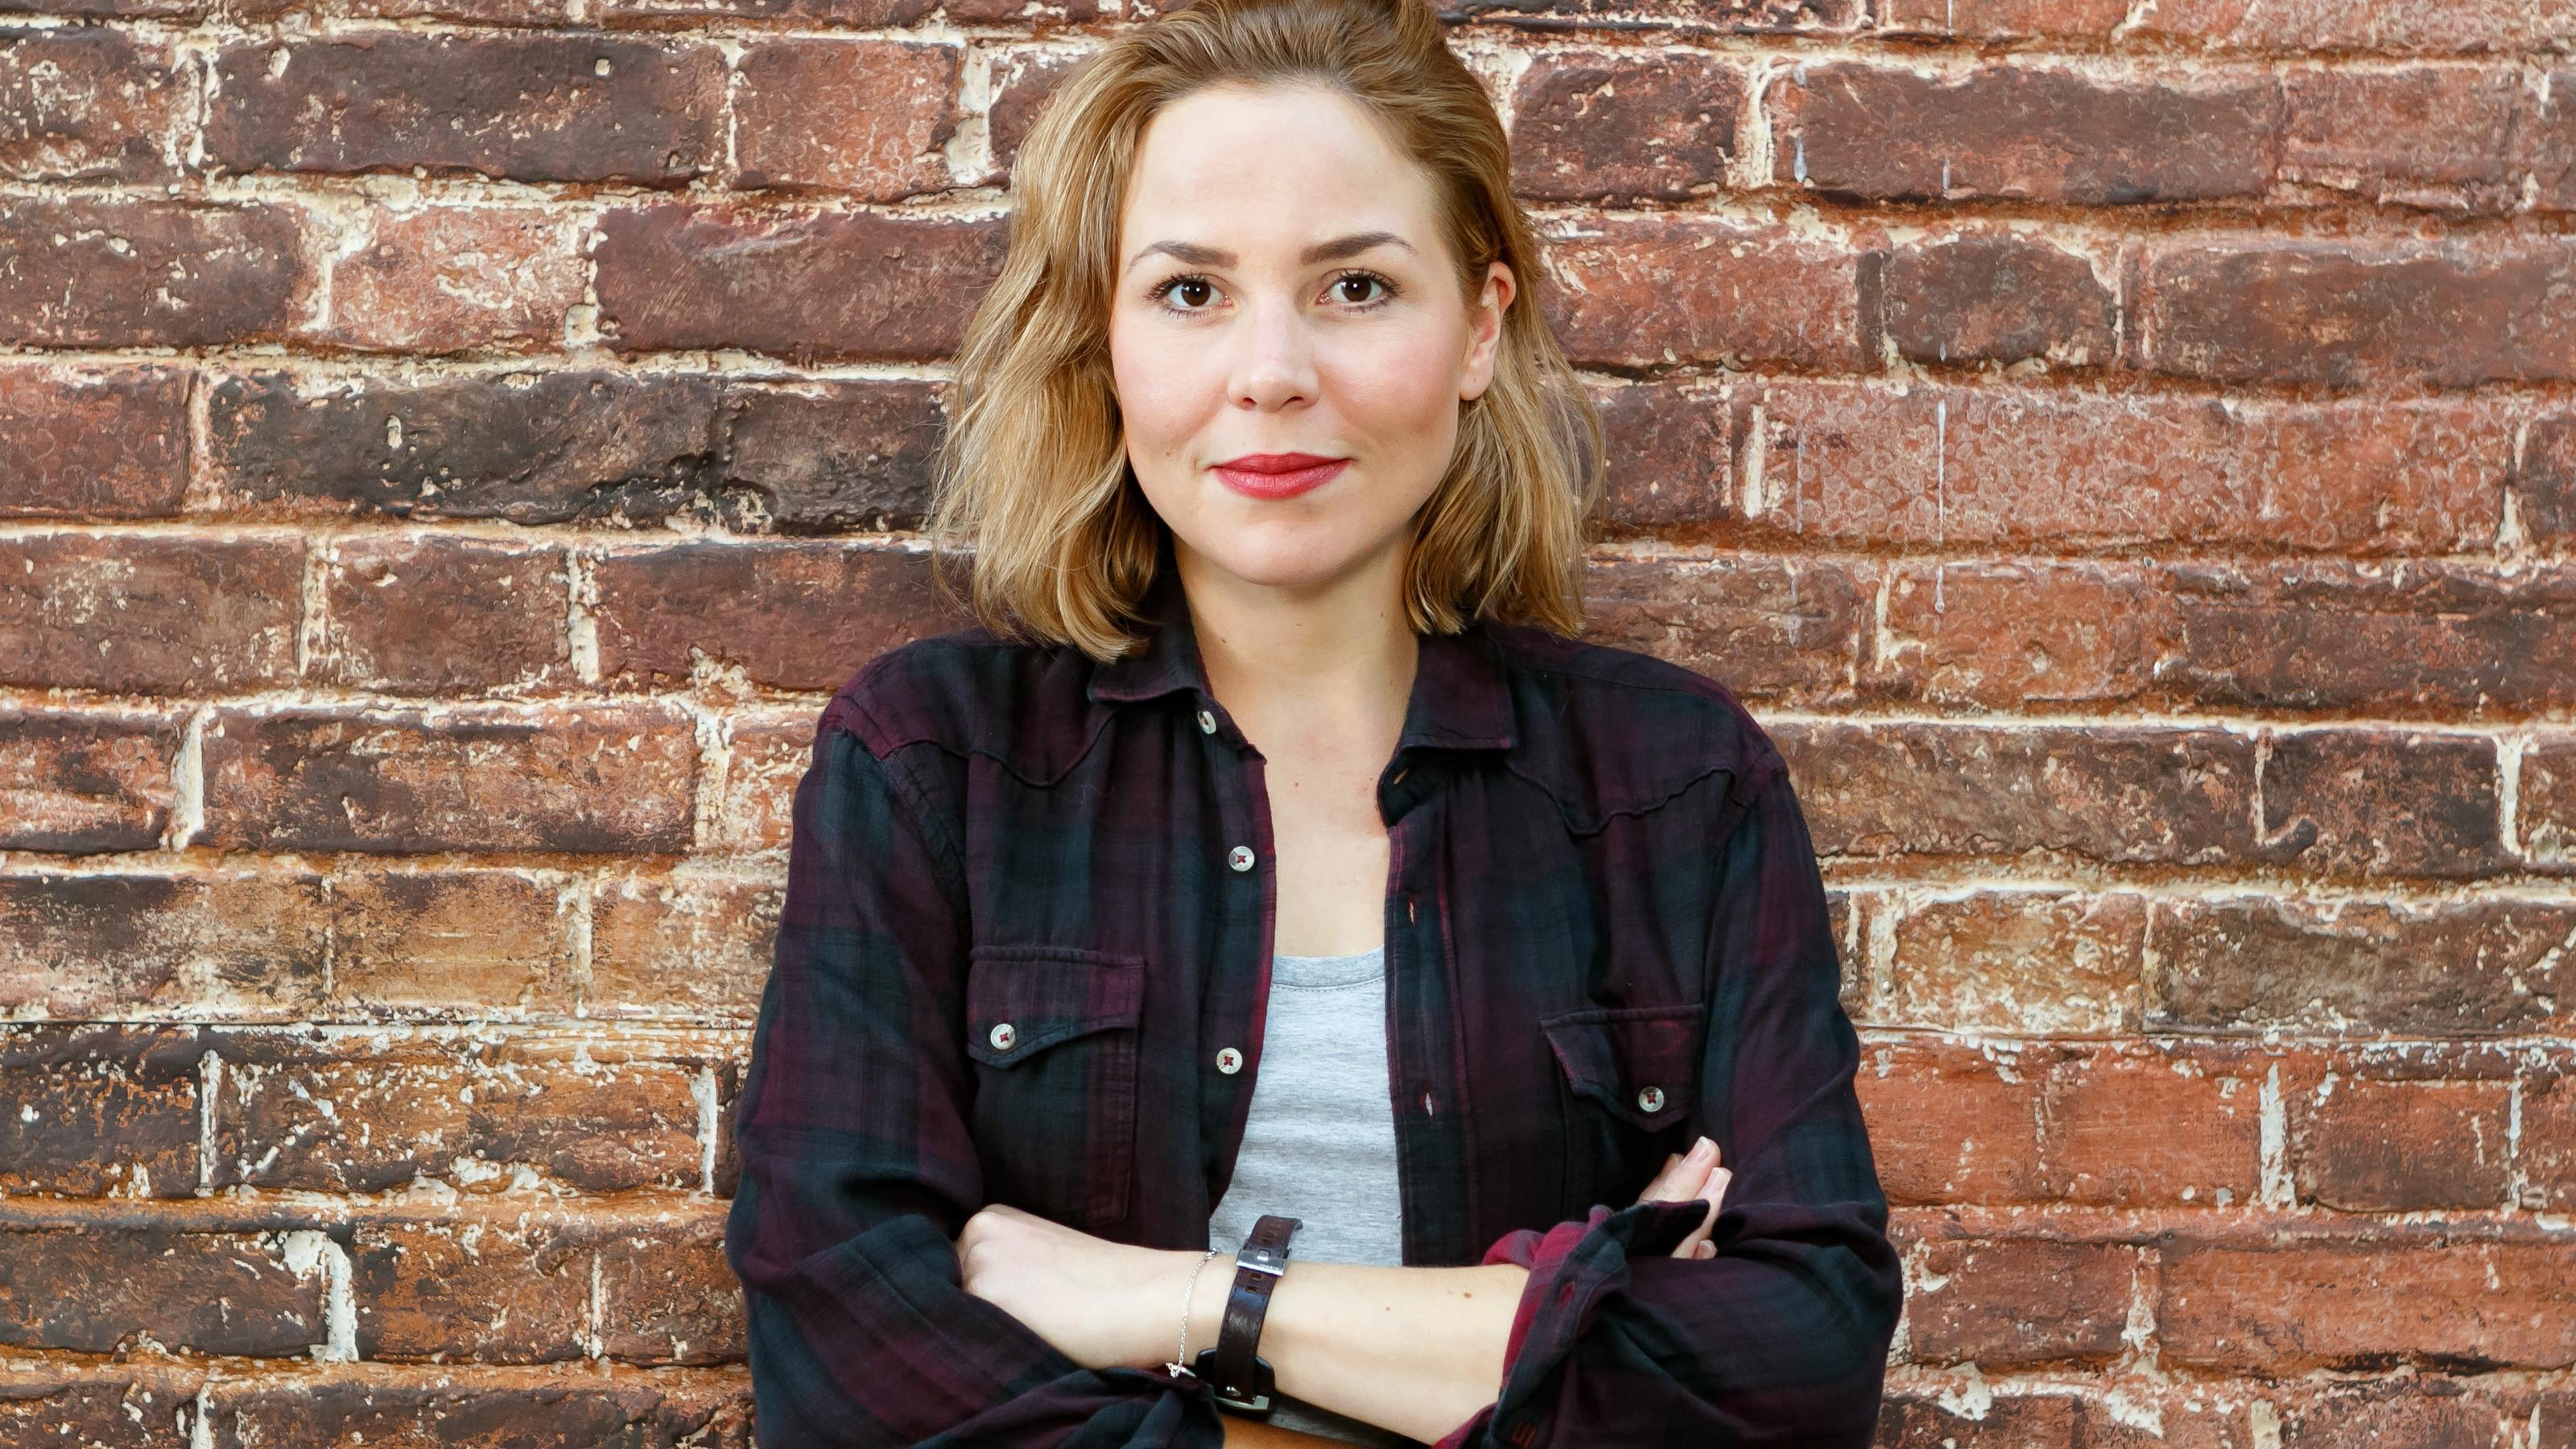 Alles was zählt: Ex-GZSZ-Star Franziska van der Heide spielt jetzt bei AWZ mit - RTL Online